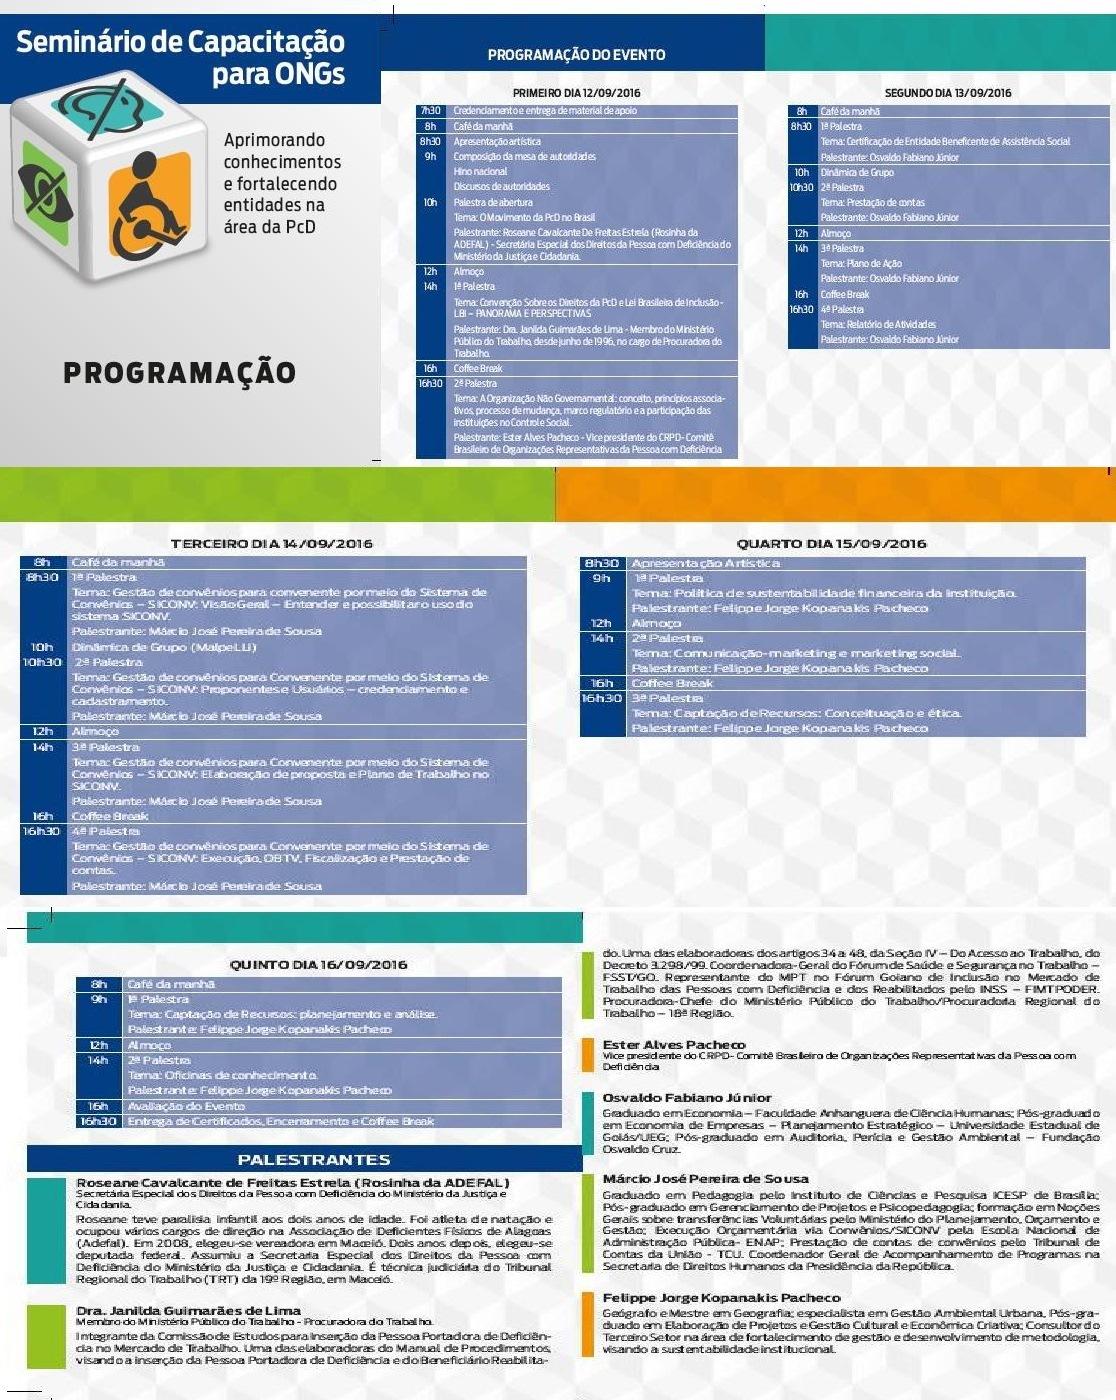 Seminário Capacitação ONG´s Goiânia 2016